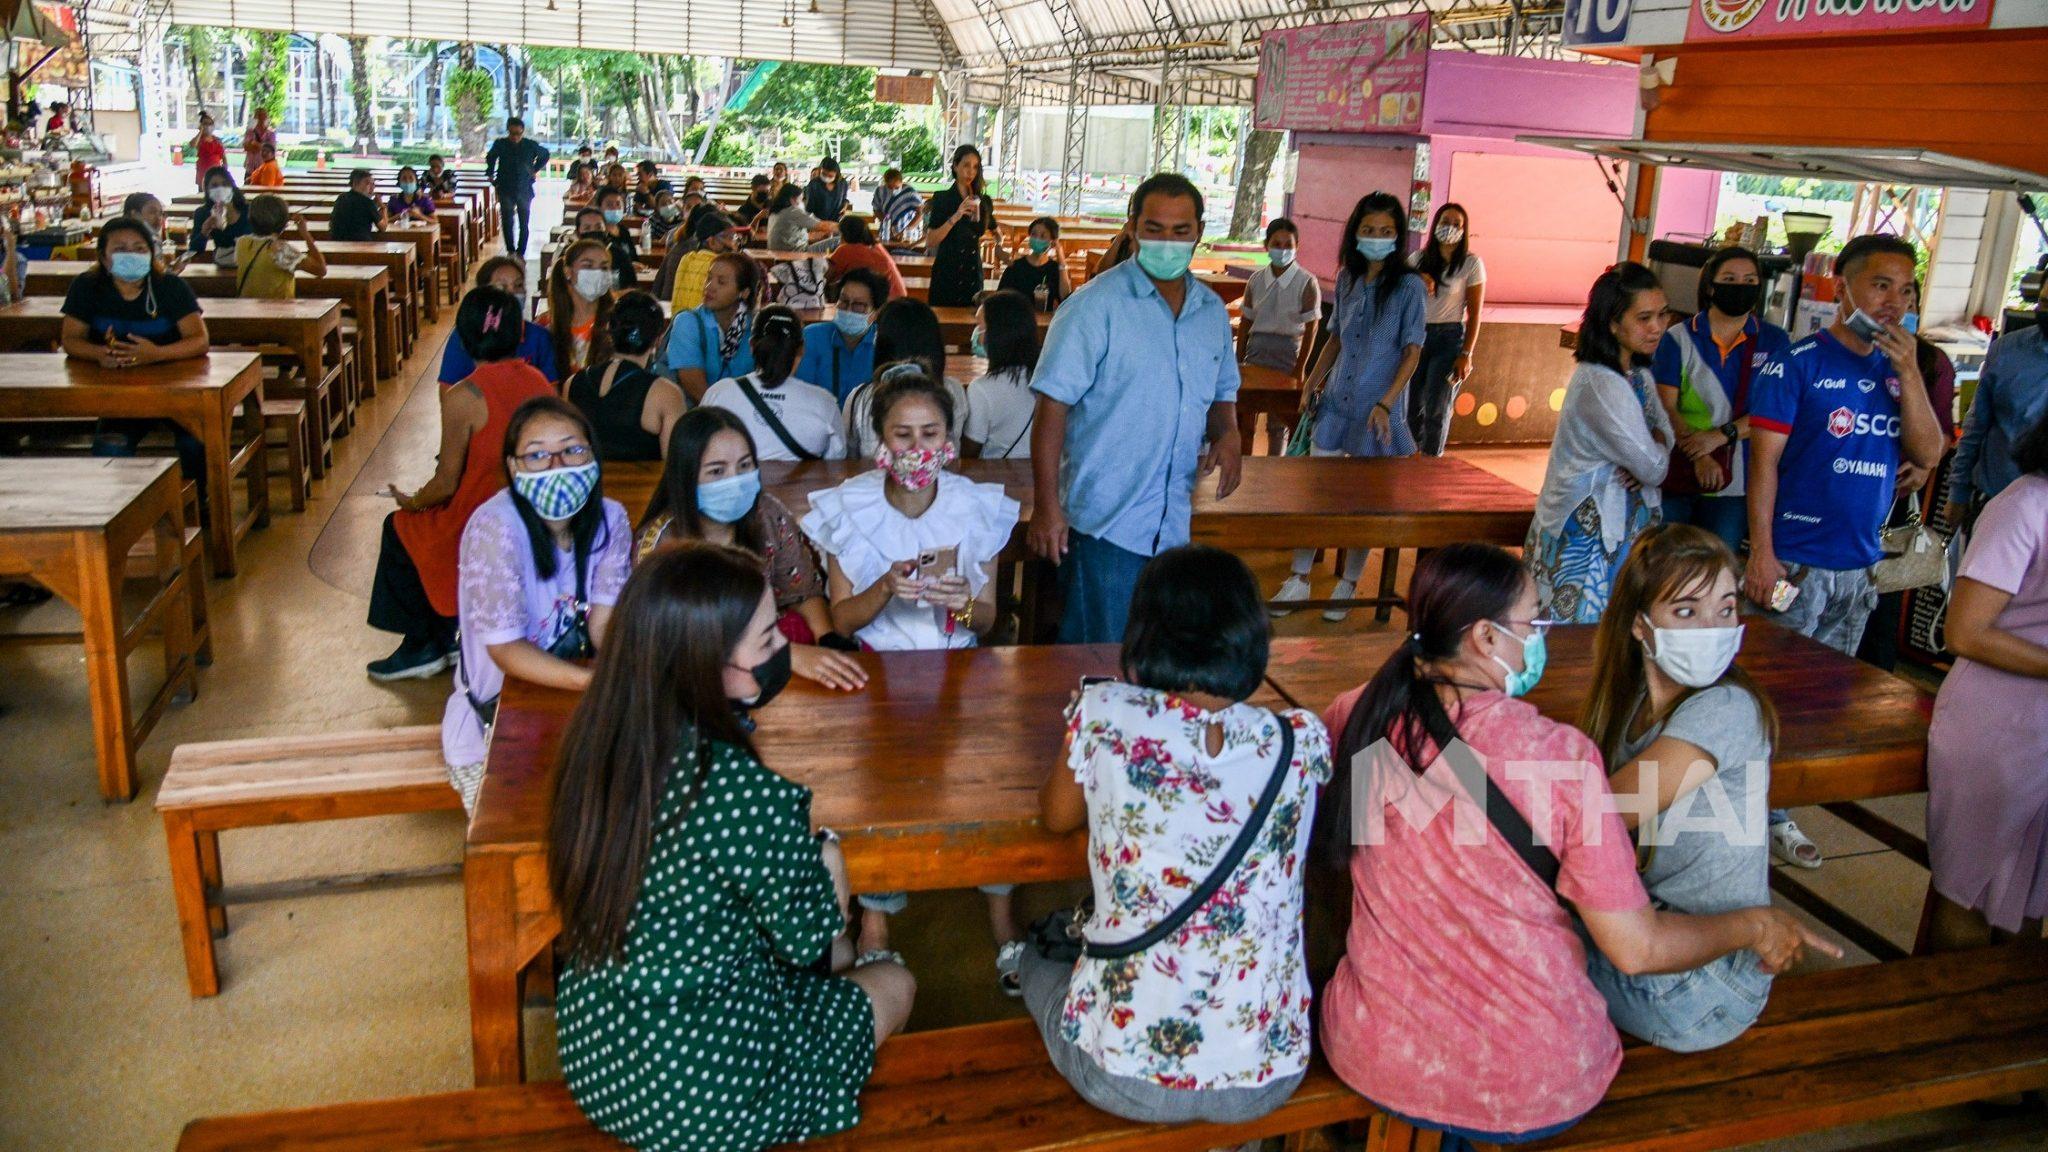 ผู้บริหารสารสาสน์บางบัวทอง รับข้อเสนอผู้ปกครอง ติดวงจรปิดทั้งโรงเรียน